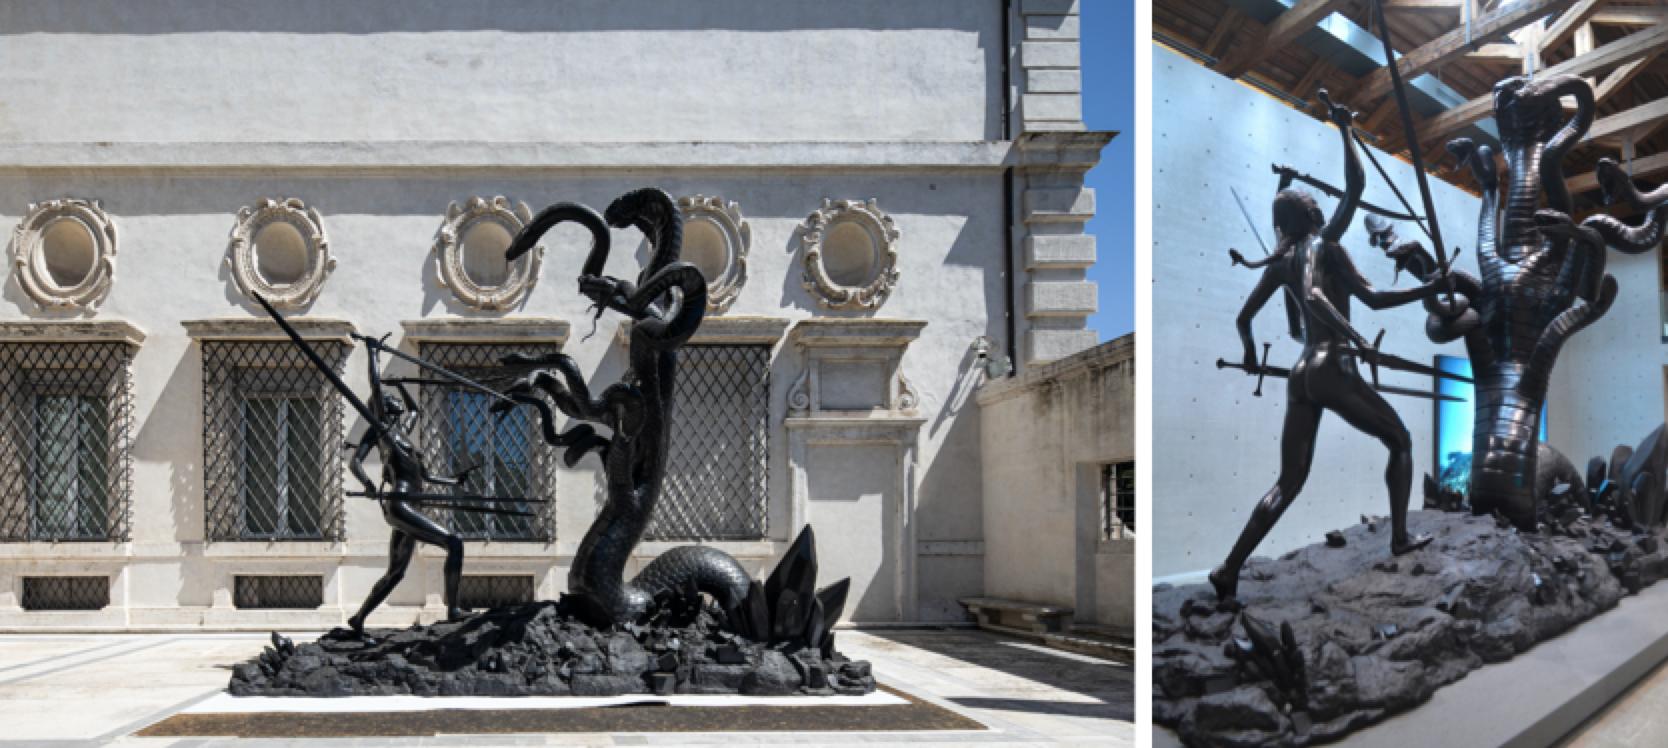 """Hirst alla Galleria Borghese? """"Mostra originale"""". L'ultima topica del ministro Franceschini"""